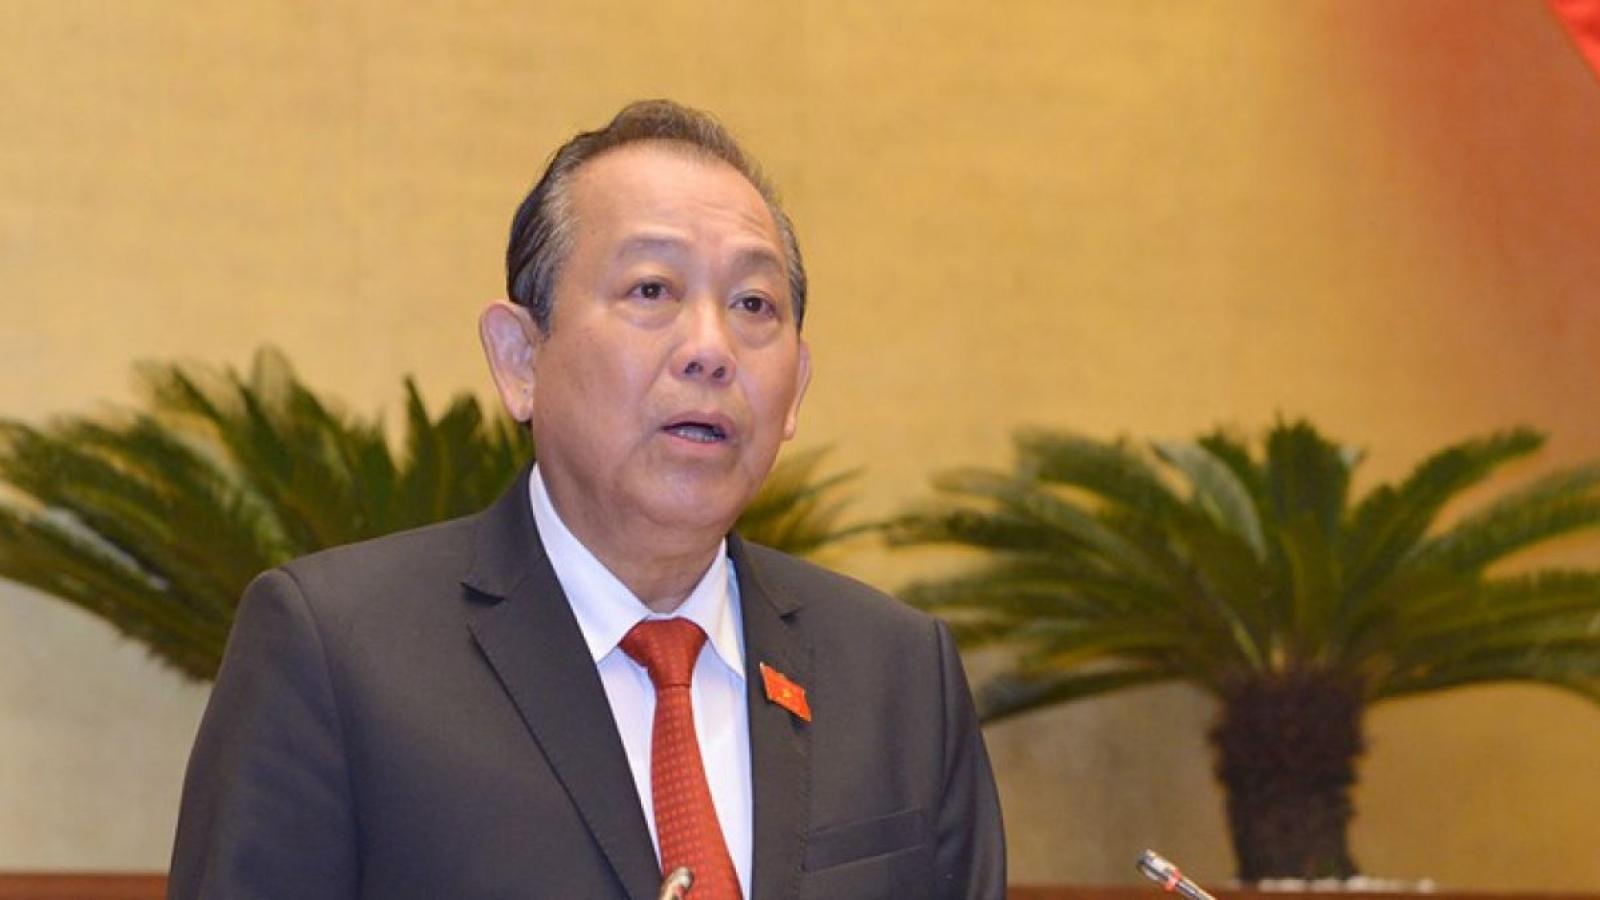 Phó Thủ tướng Trương Hòa Bình chỉ đạo xử lý nghiêm vụ sàm sỡ phụ nữ